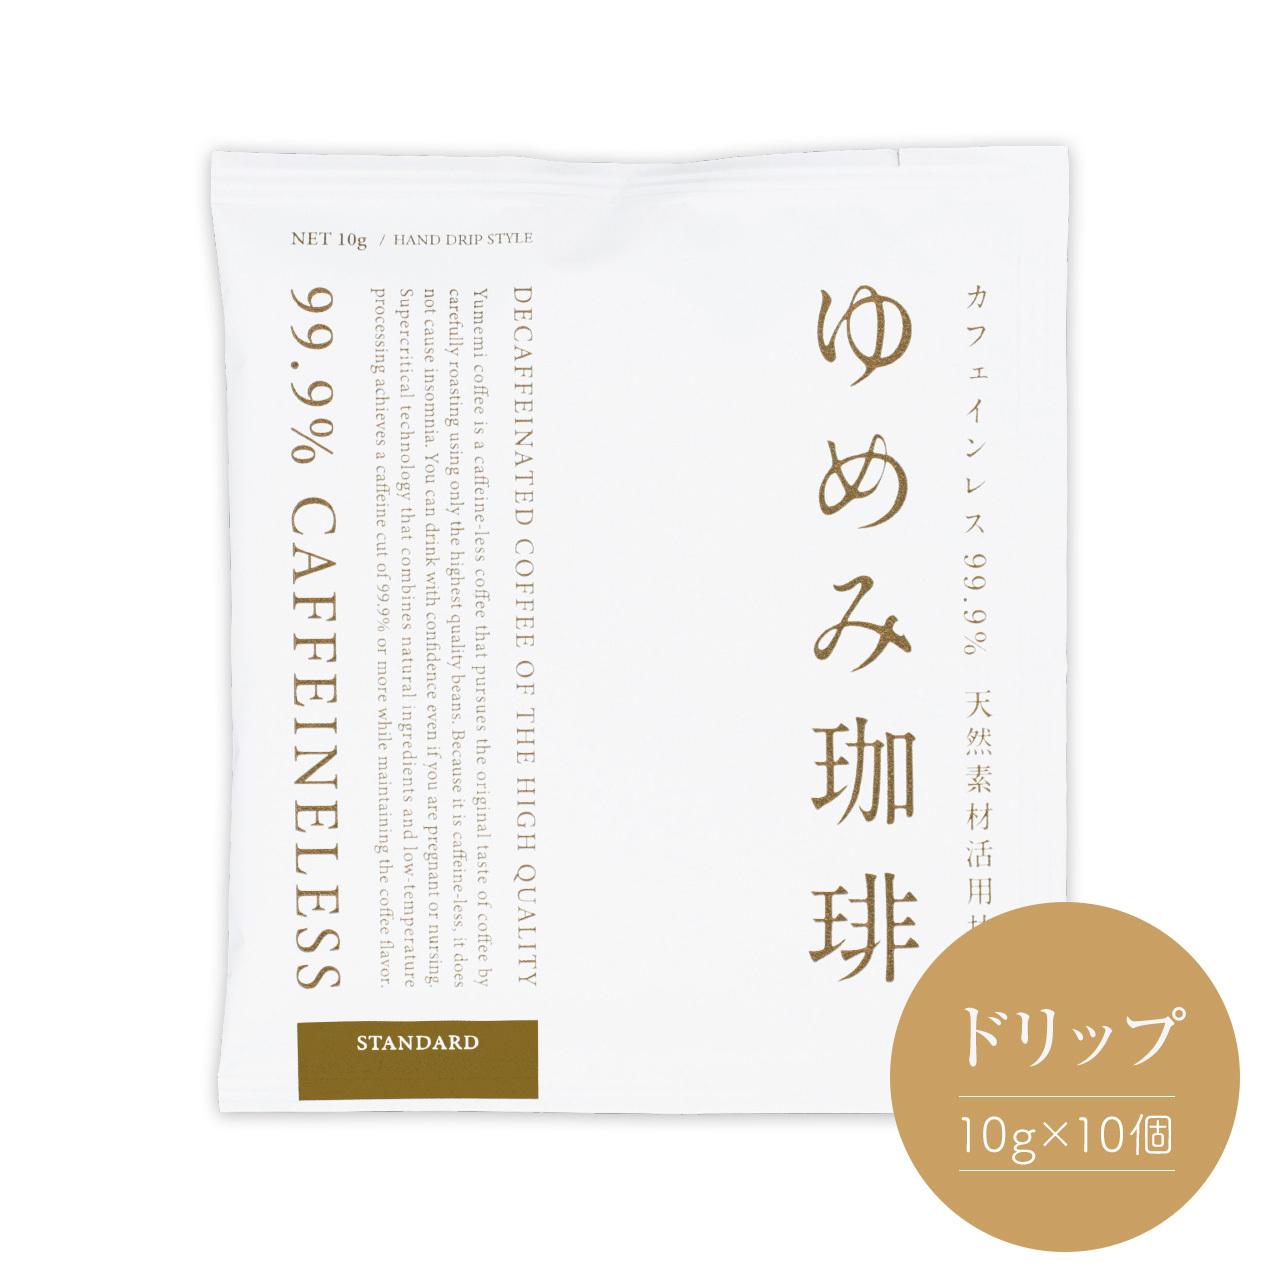 ゆめみ珈琲(カフェインレス)《スタンダード》ドリップ(10g)☓10個